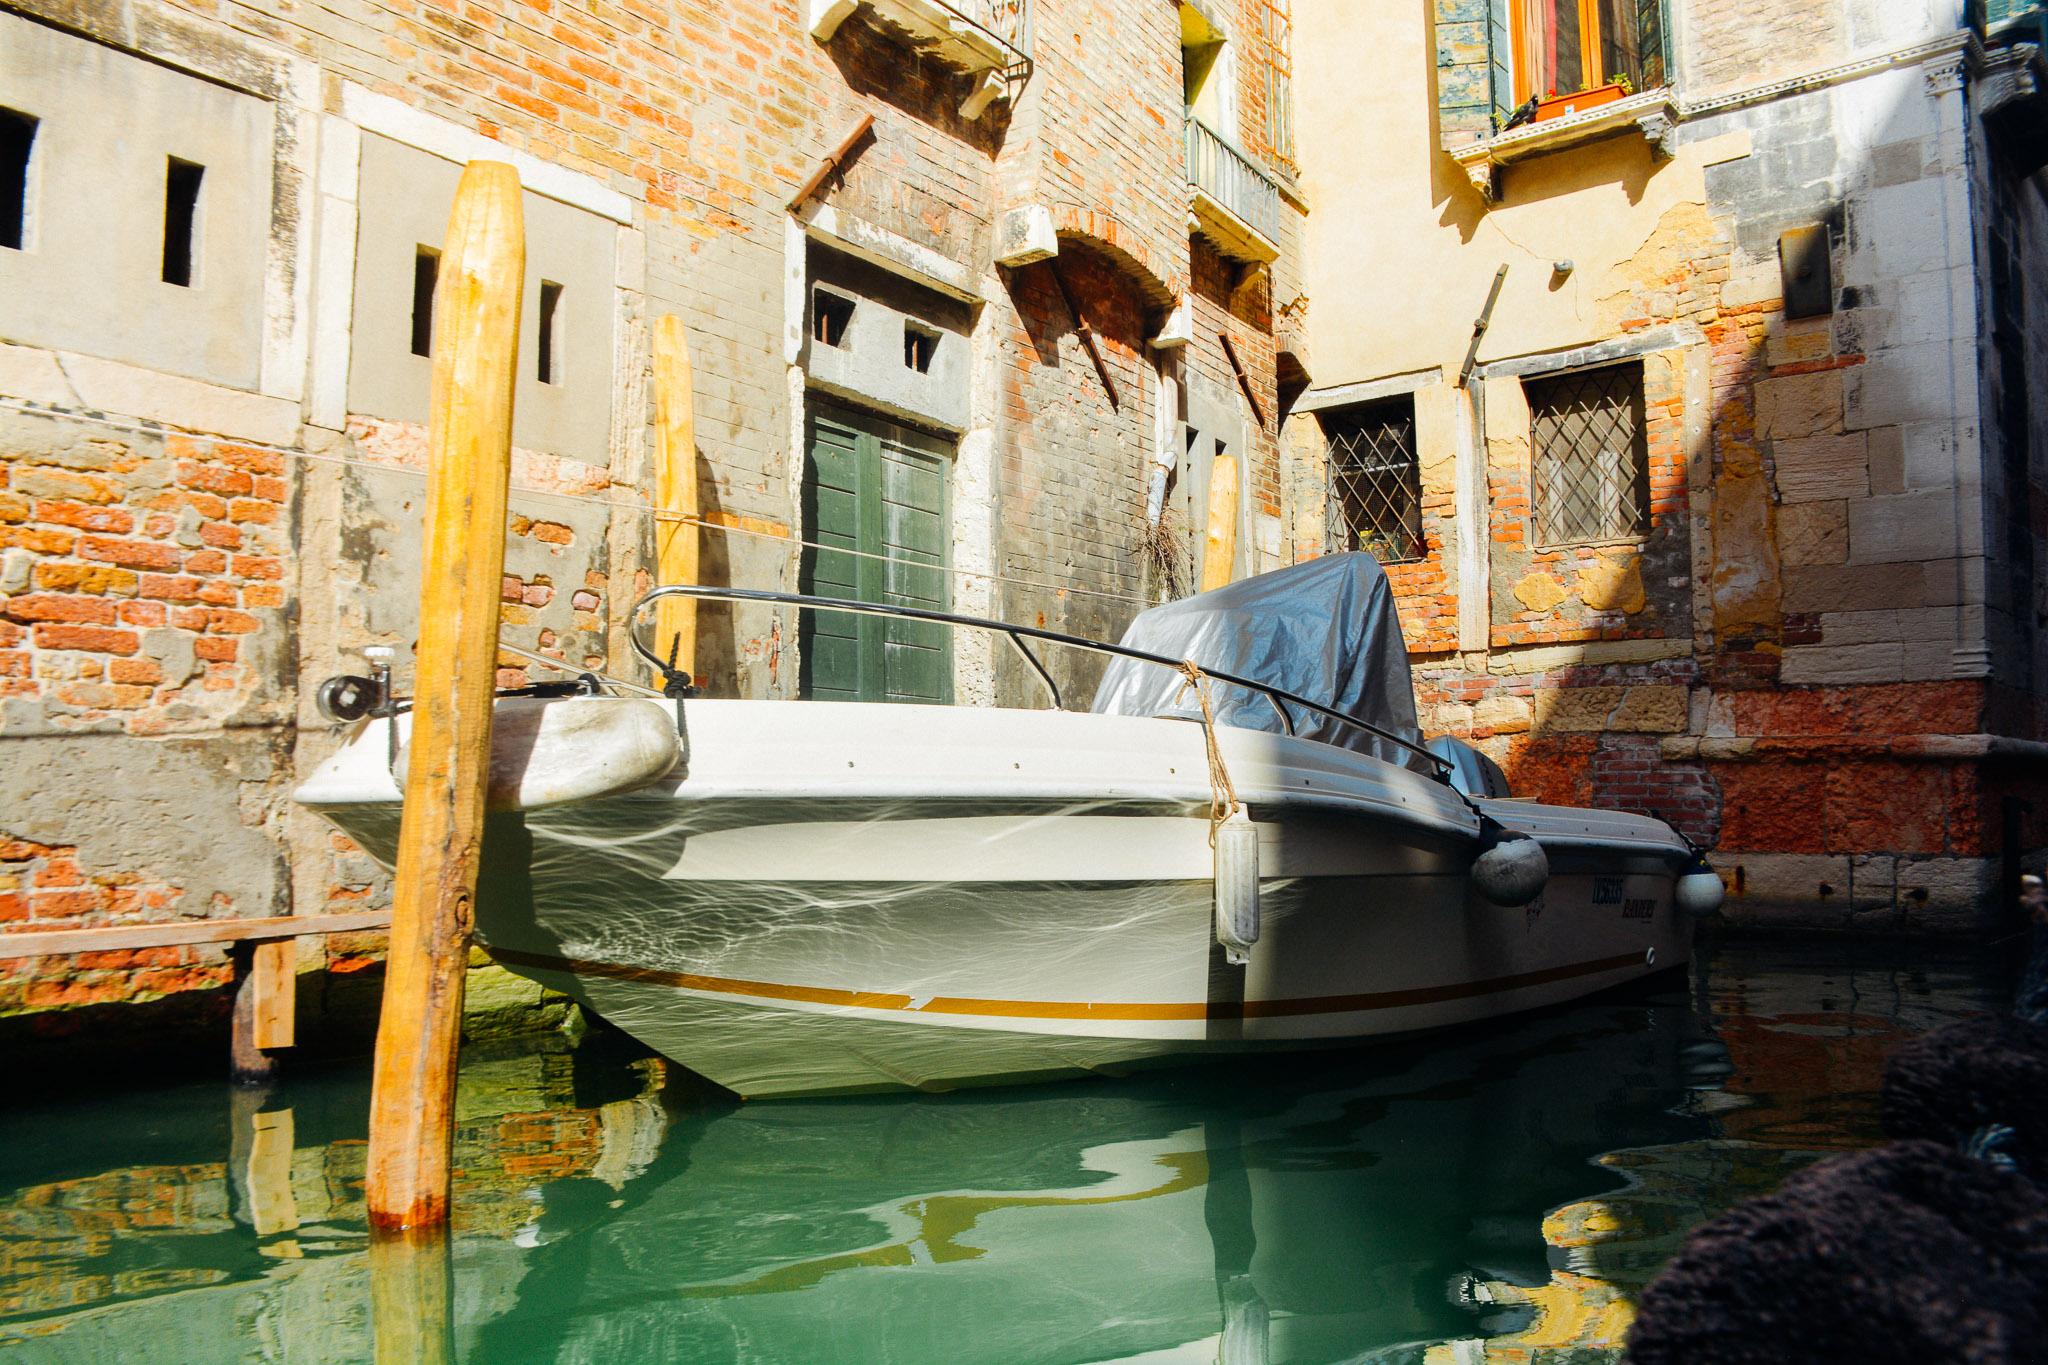 Venice_PerriRothenberg_Resized-9.jpg